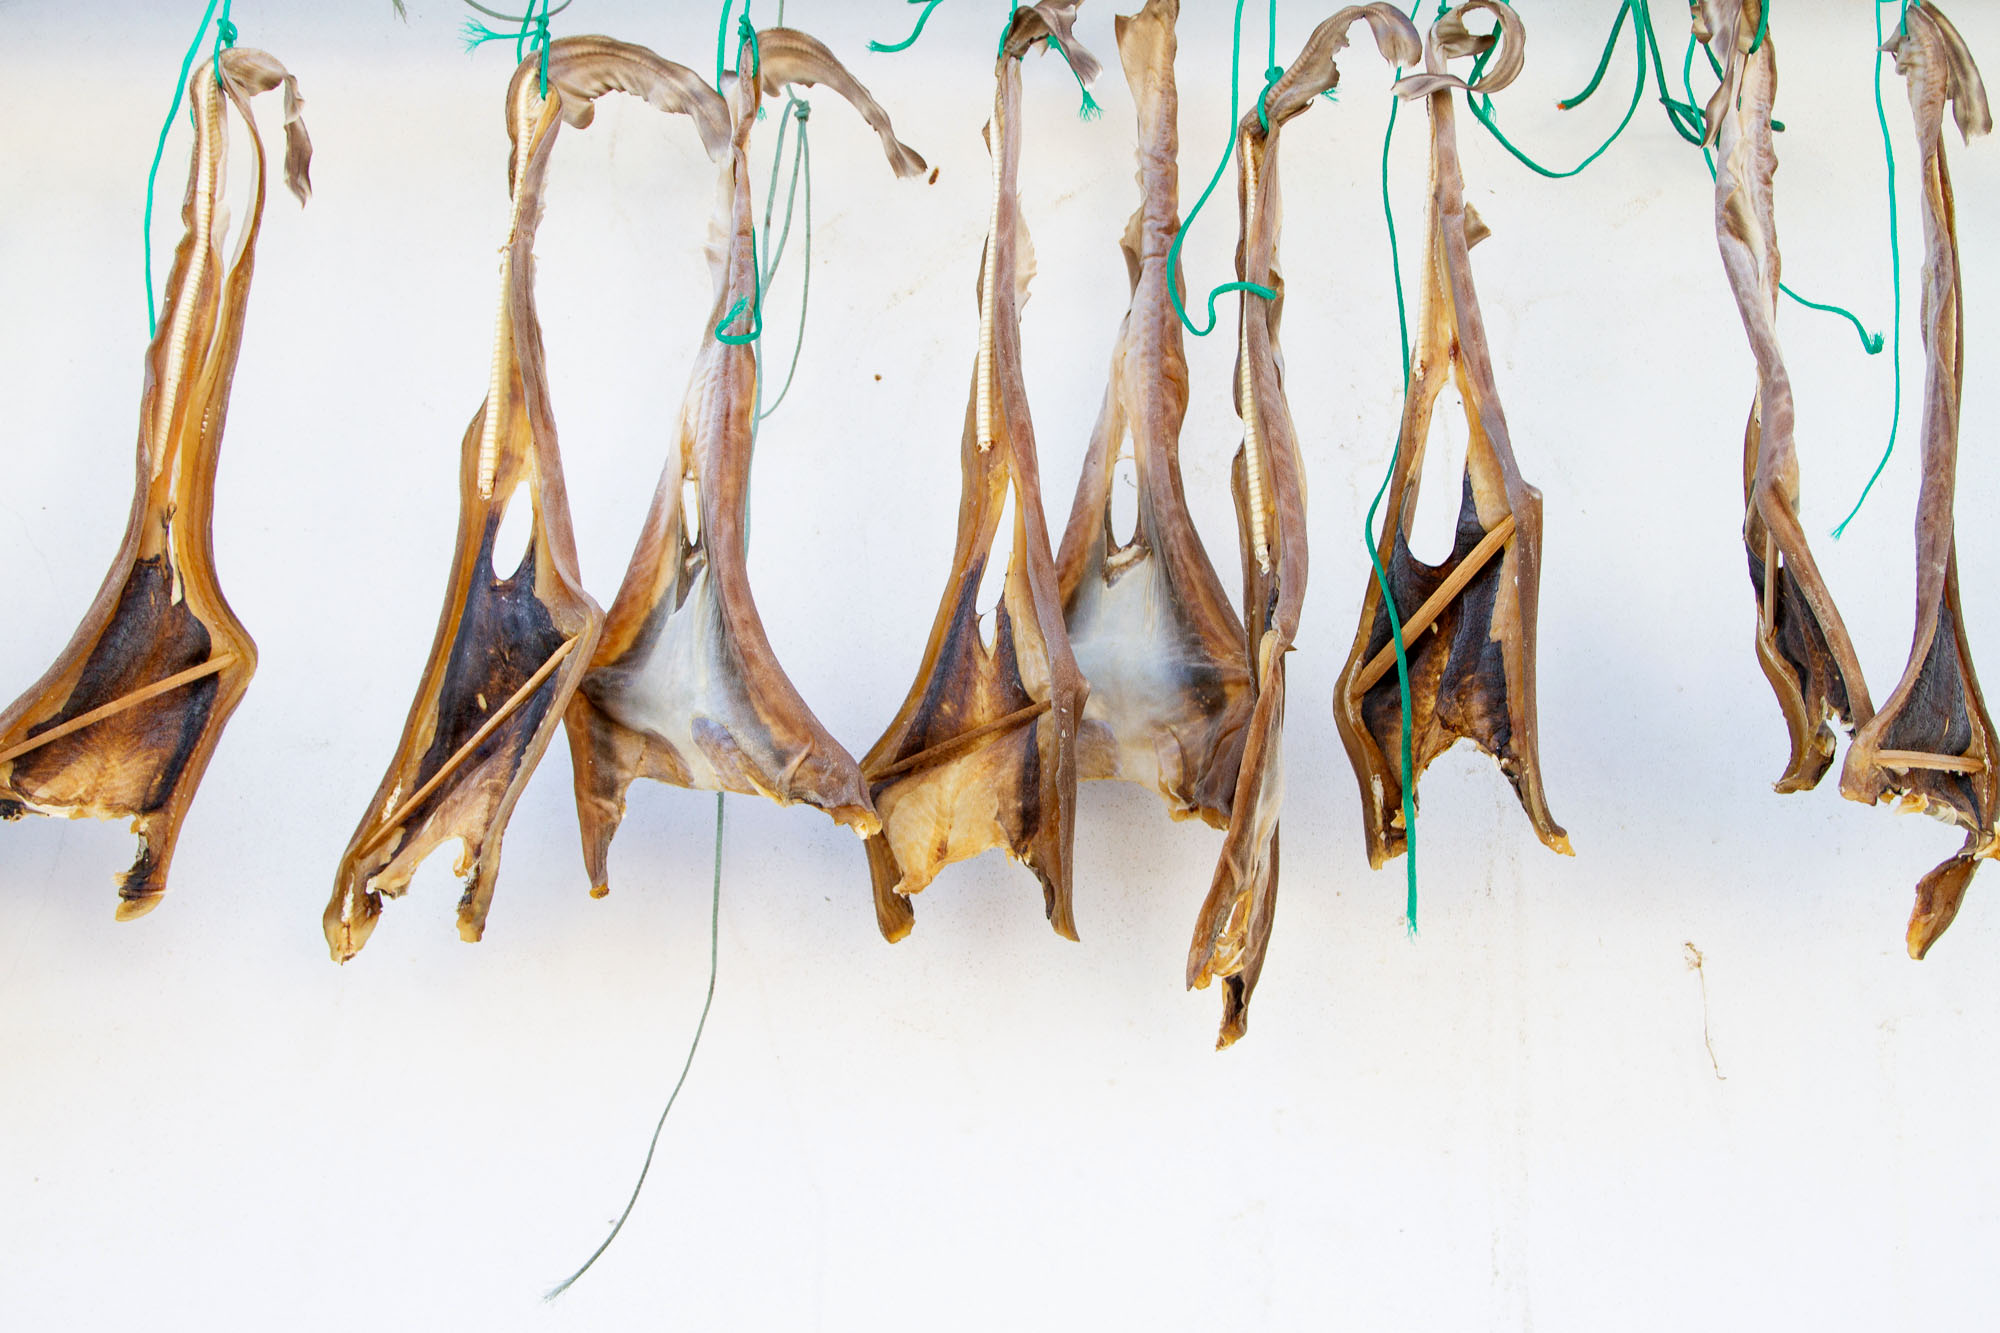 Dried Fish Cudillero Asturias Spain